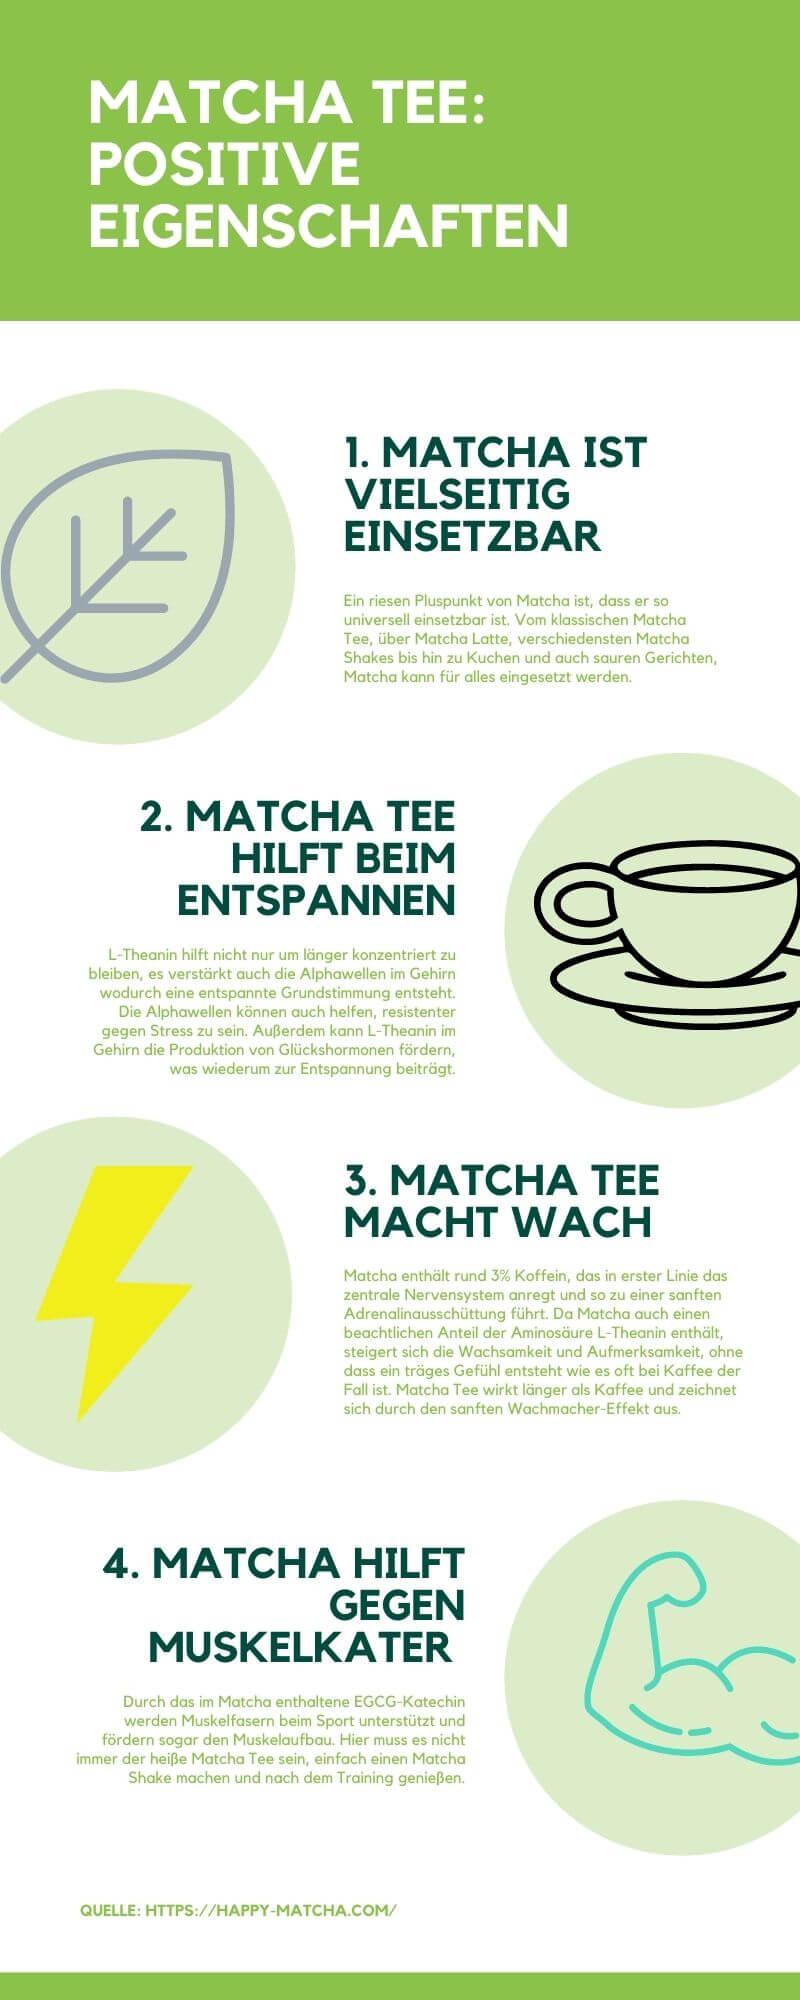 Die positiven Eigenschaften von Matcha Tee werden in einer Infografik dargestellt.